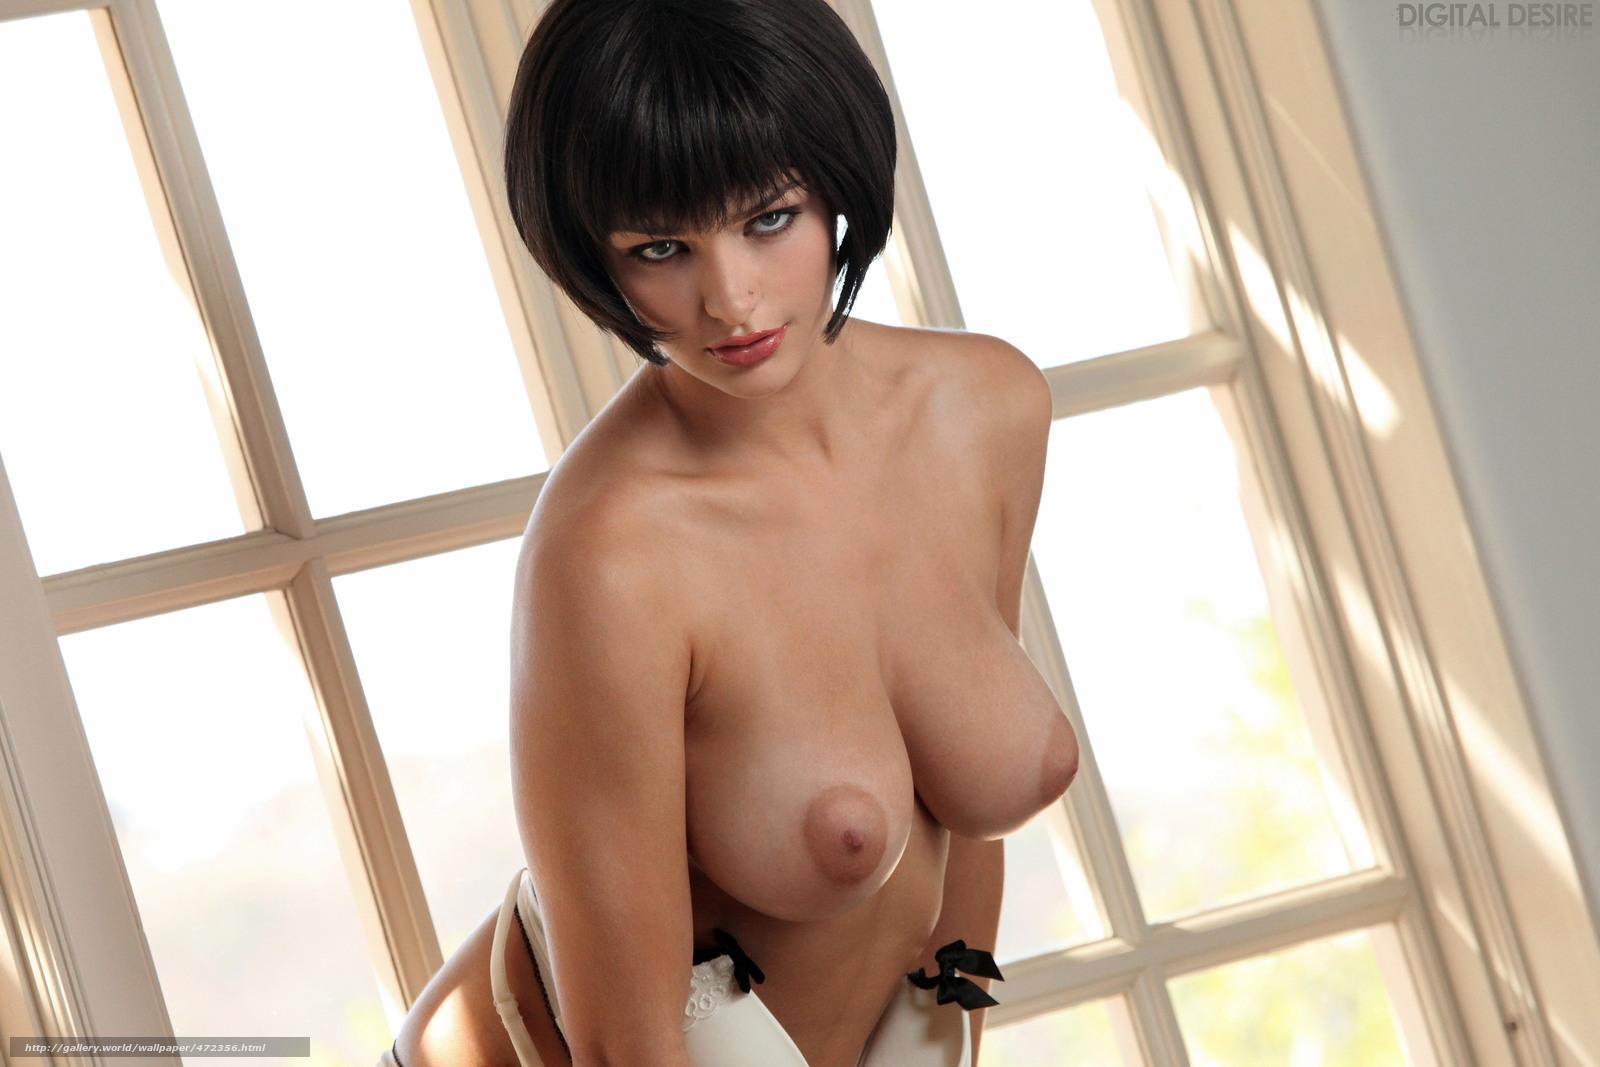 Разговорчивая девушка порно 9 фотография